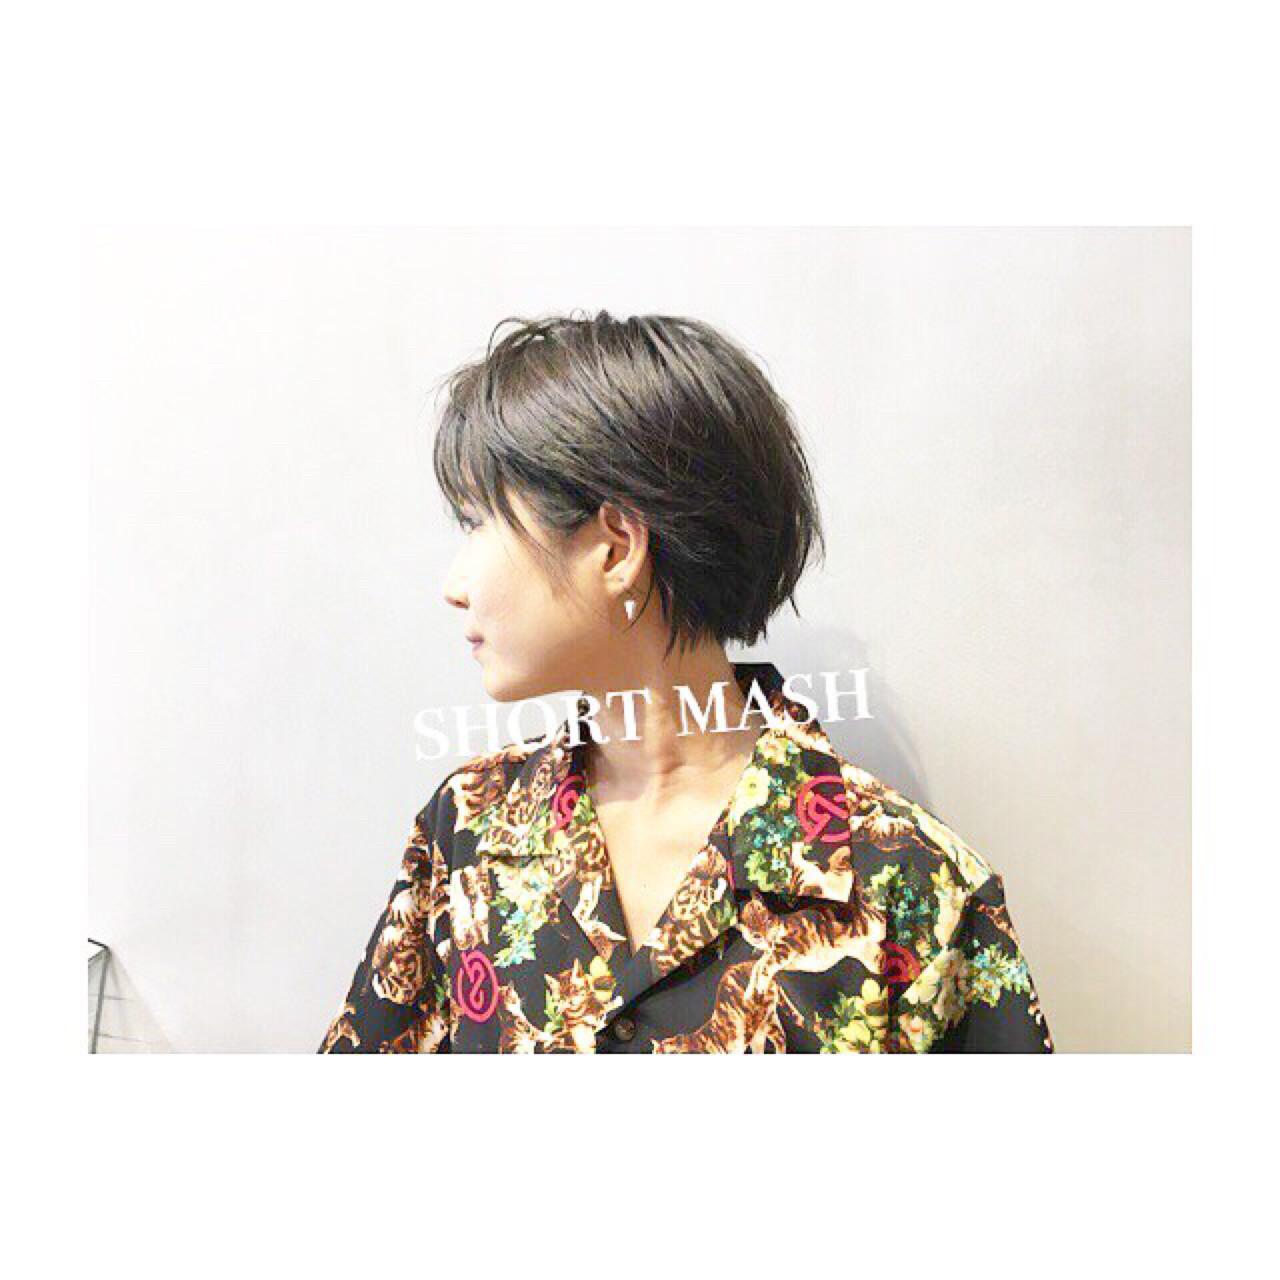 ショート ナチュラル 前髪あり アウトドア ヘアスタイルや髪型の写真・画像